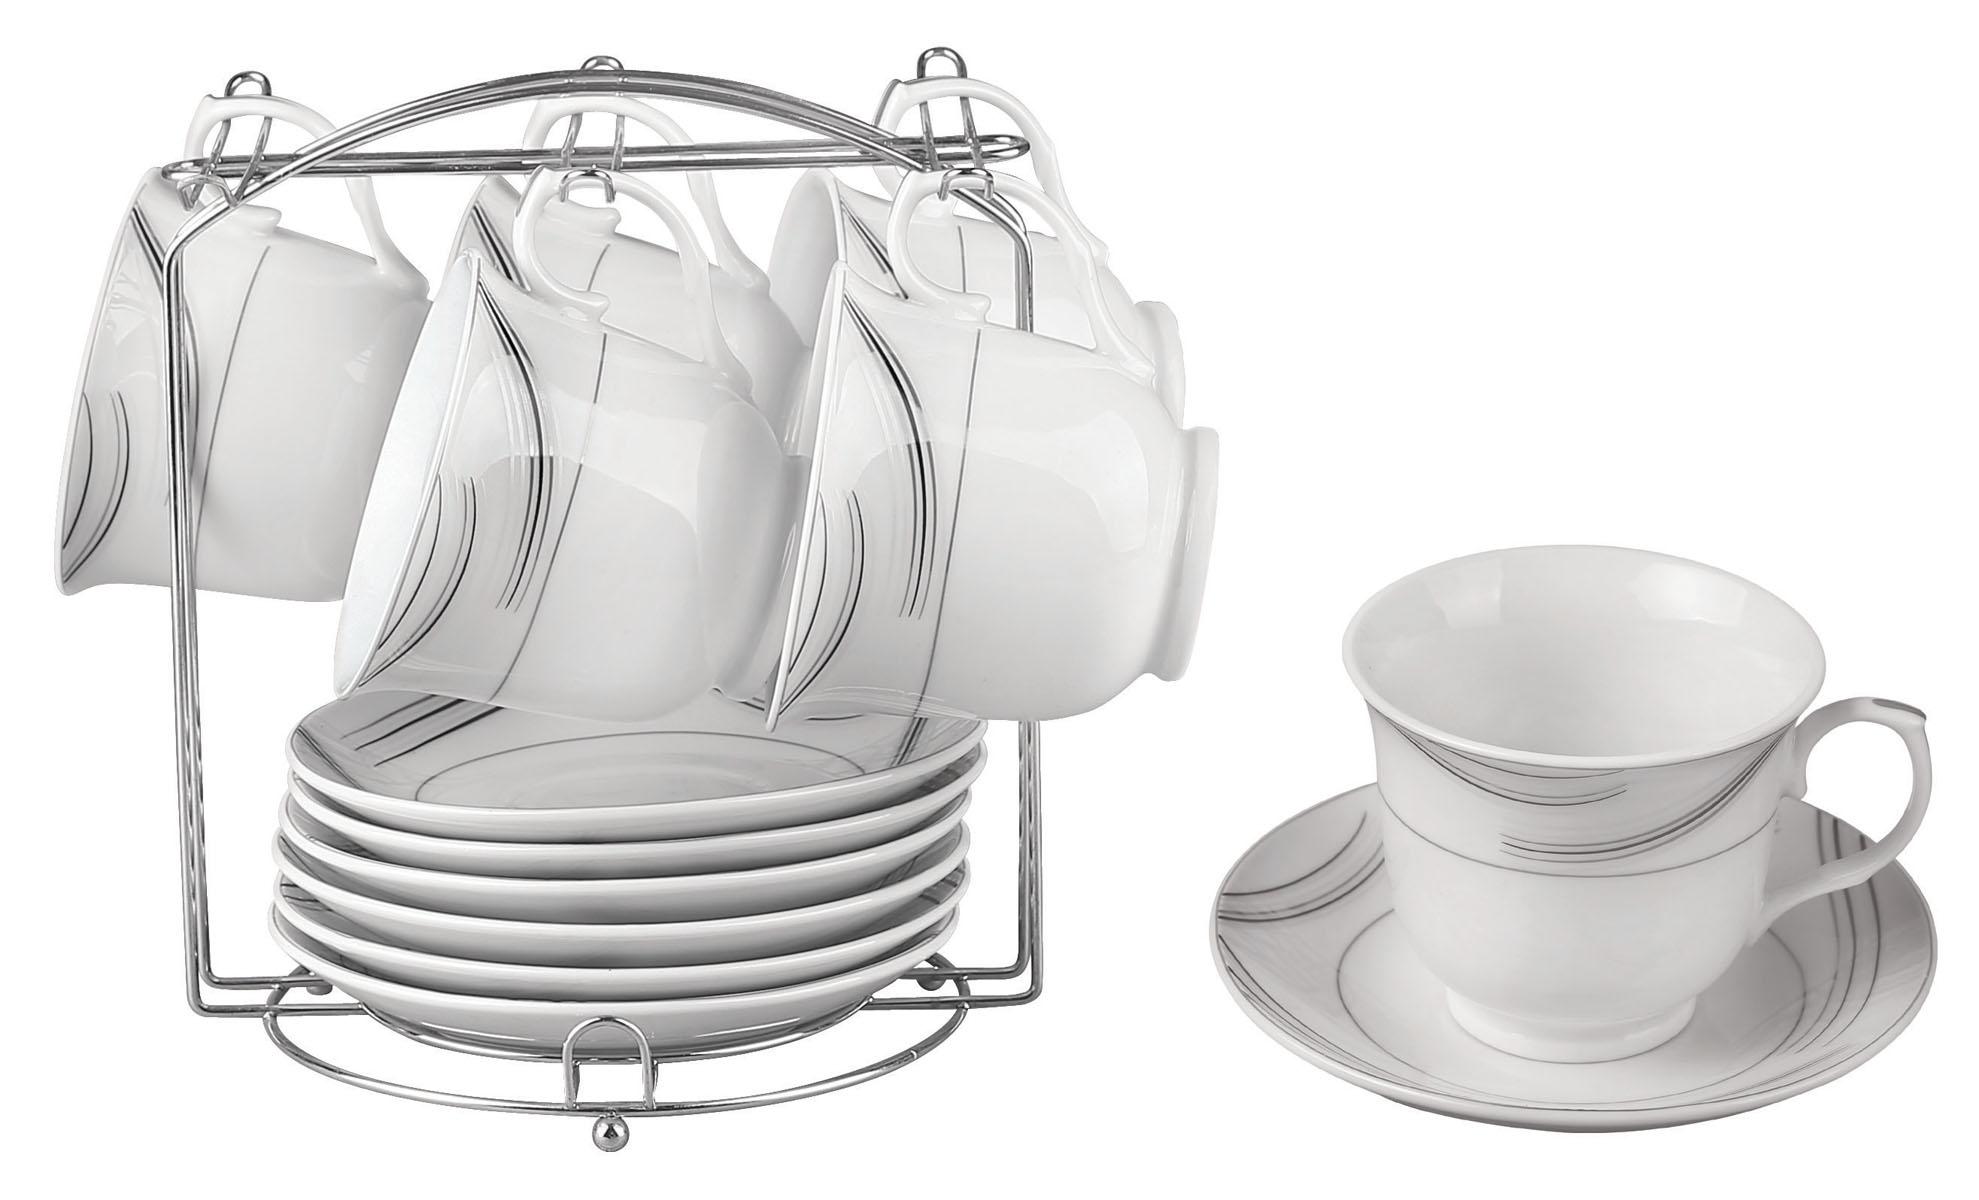 Набор чайный Bekker, 13 предметов. BK-6803 (8)590-001Чайный набор Bekker состоит из 6 чашек, 6 блюдец и металлической подставки. Изделия выполнены из высококачественного фарфора белого цвета, украшенного изящными узорами серебристой эмалью. Для предметов набора предусмотрена специальная металлическая подставка с крючками для чашек и подставкой для блюдец.Изящный чайный набор прекрасно оформит стол к чаепитию и станет замечательным подарком для любой хозяйки. Можно мыть в посудомоечной машине.Объем чашки: 220 мл.Диаметр чашки (по верхнему краю): 9 см.Высота чашки: 7,5 см.Диаметр блюдца: 14 см.